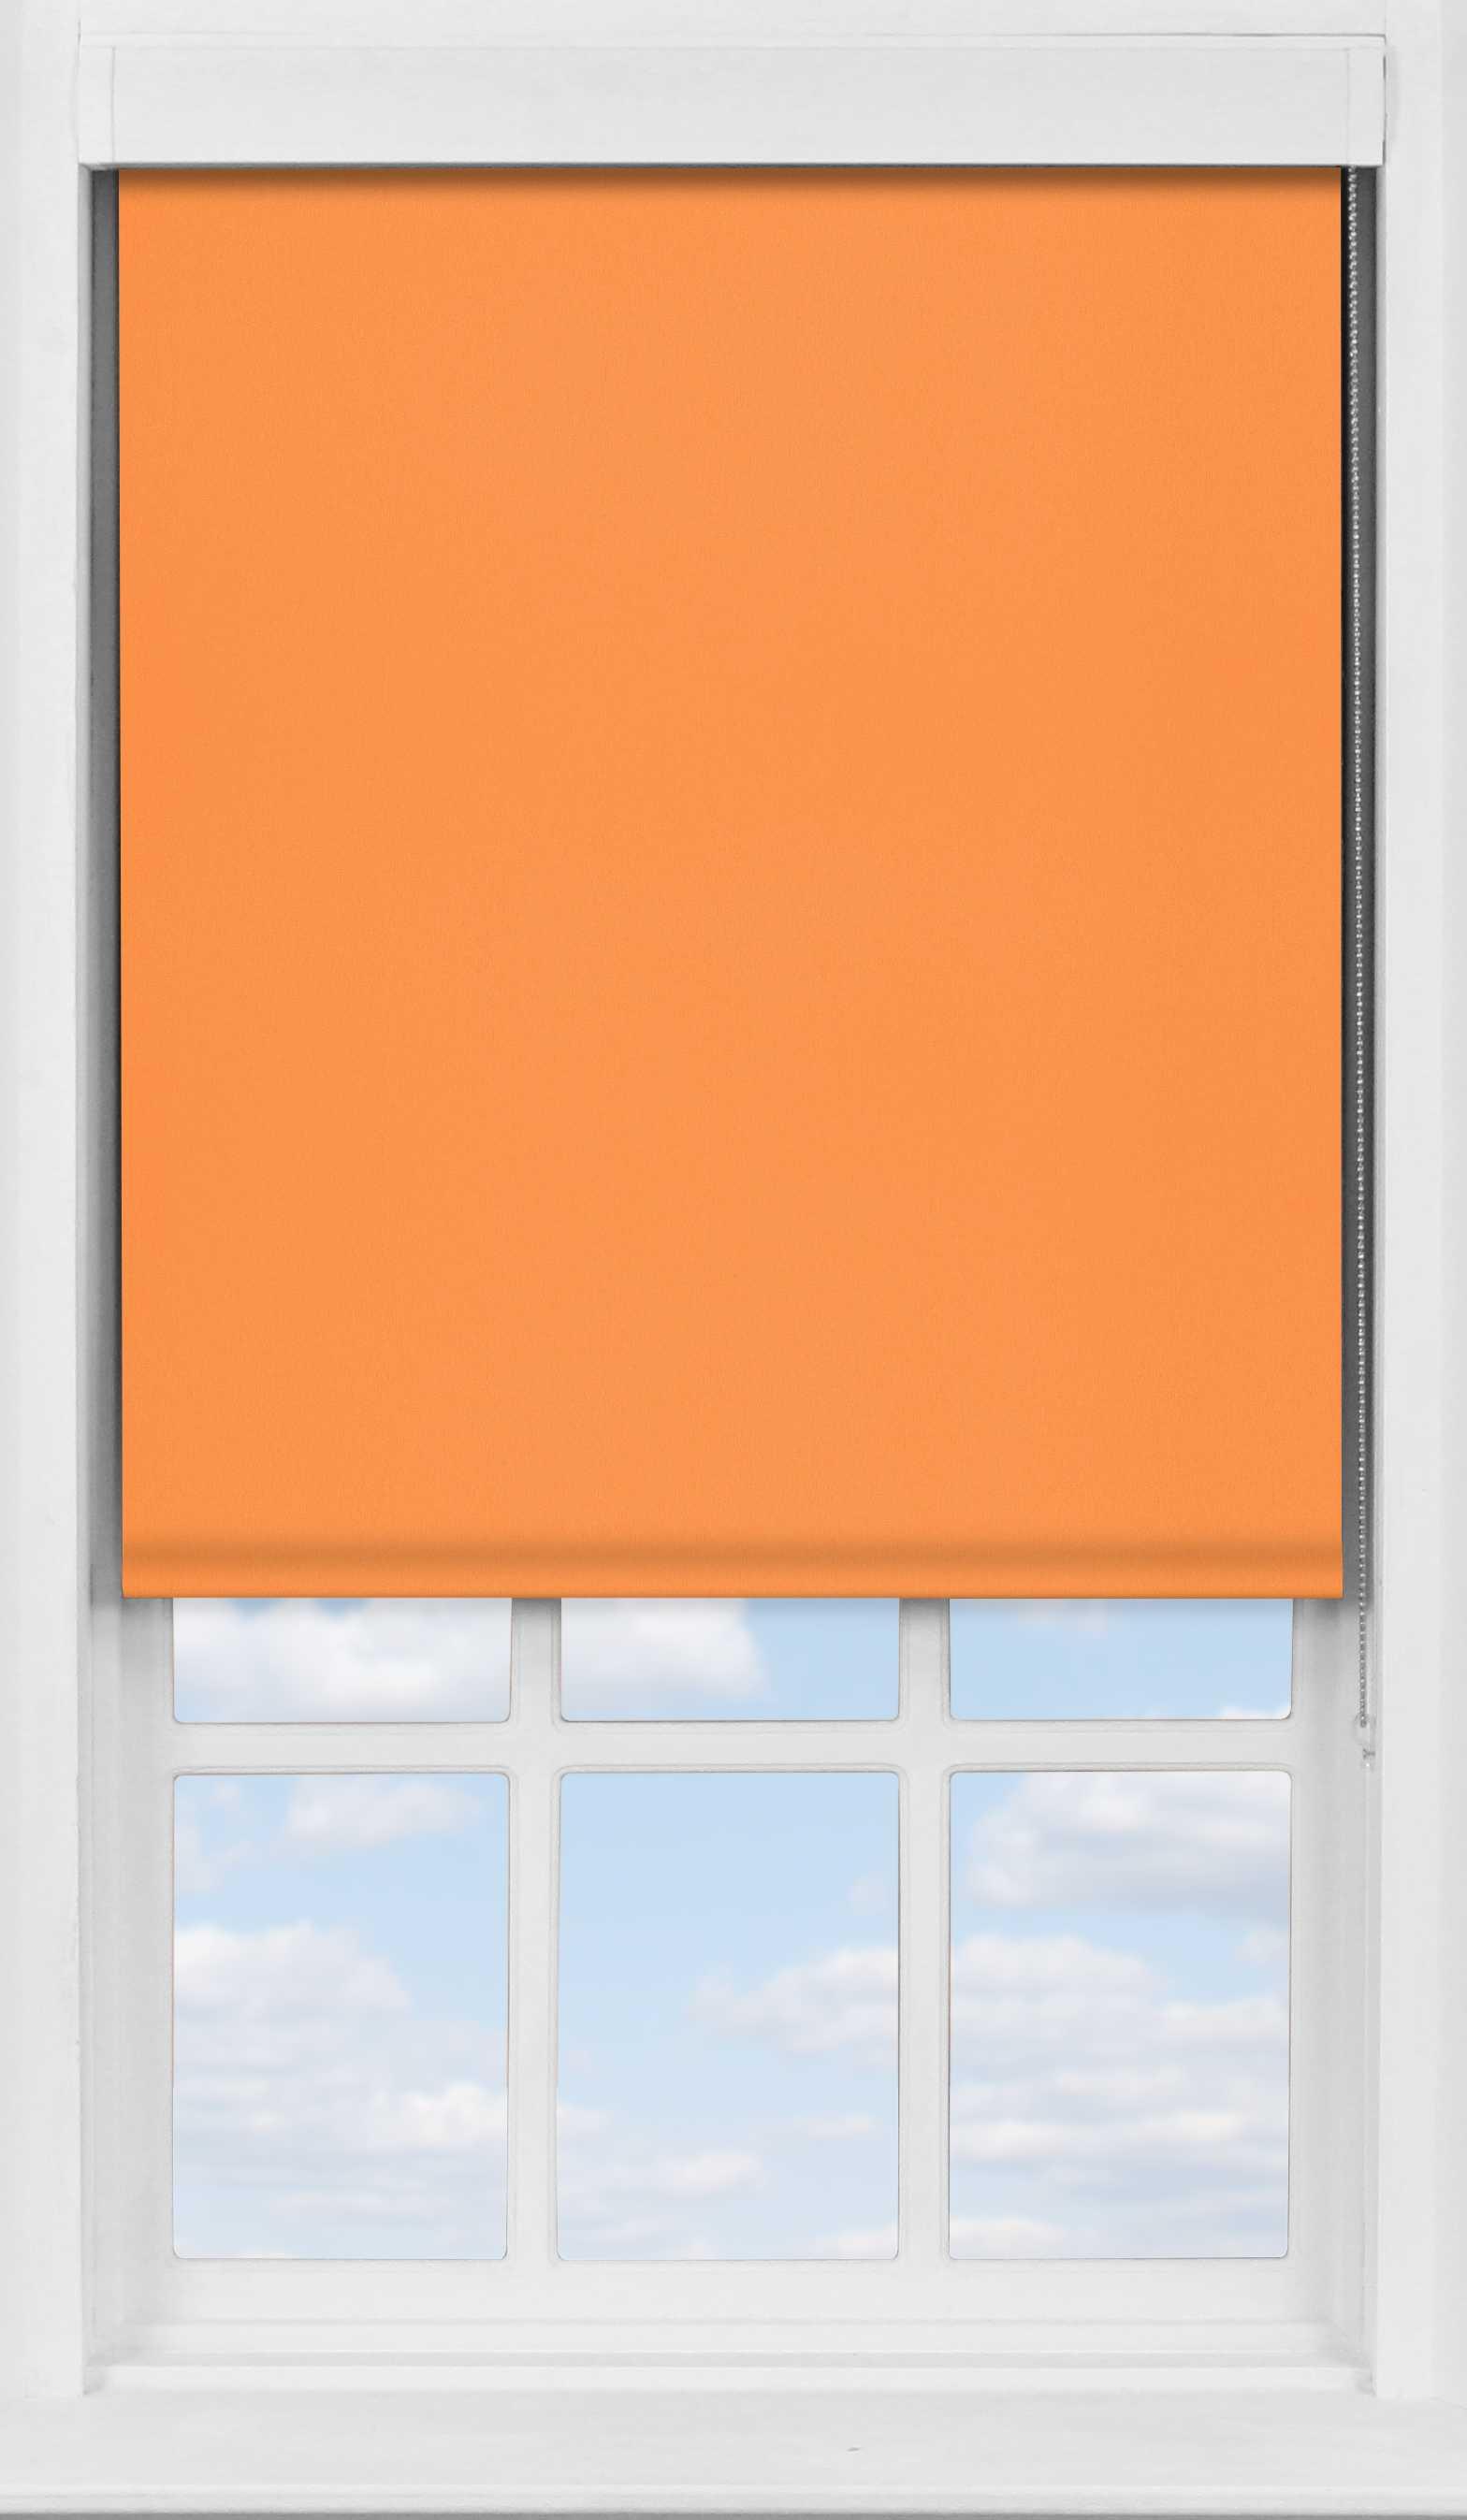 Premium Roller Blind in Amber Sunset Translucent